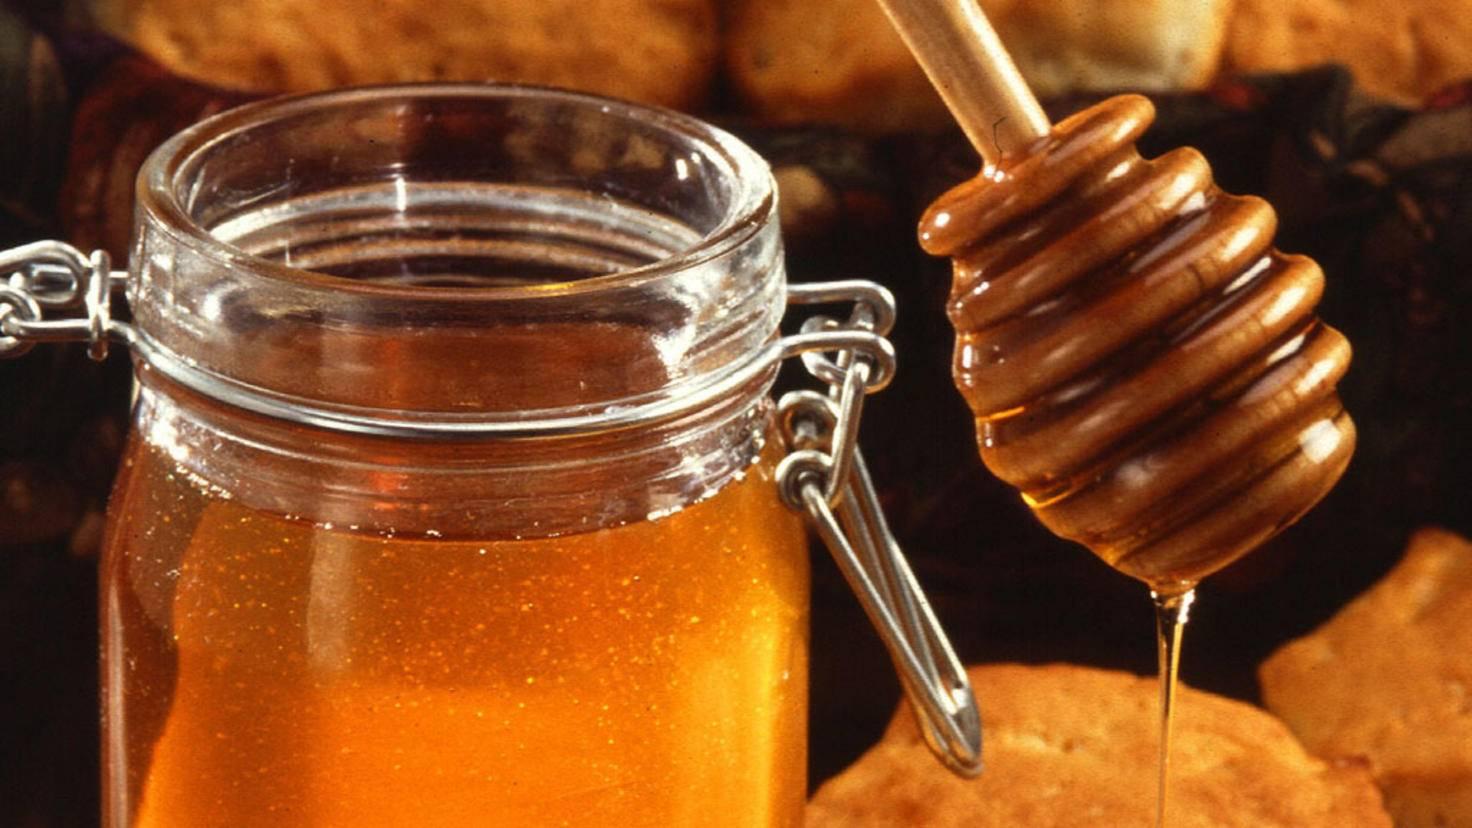 Honig wird im Kühlschrank hart. Fast unsterblich ist er sowieso.